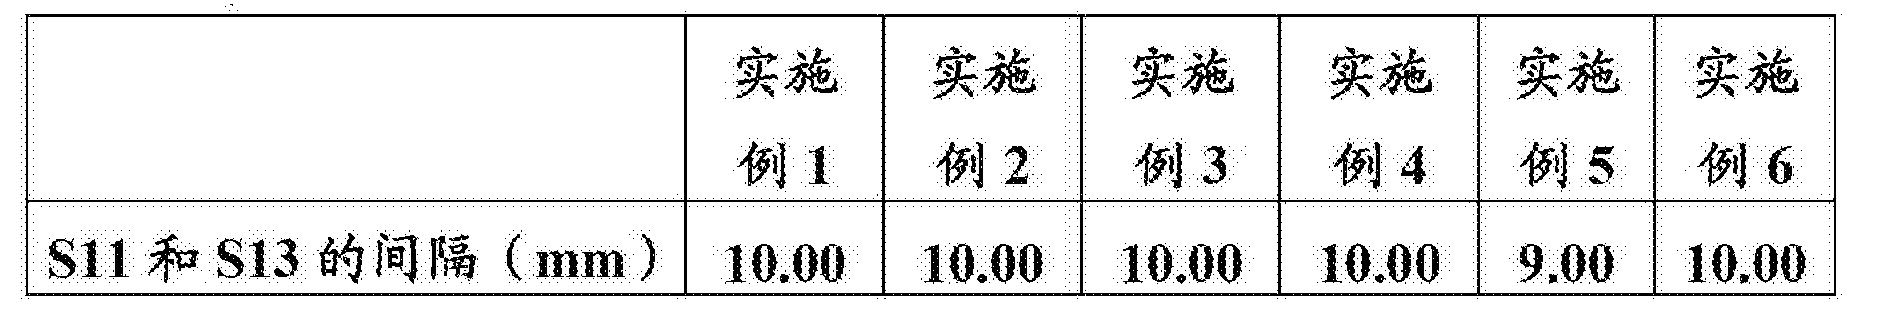 Figure CN103293674BD00302